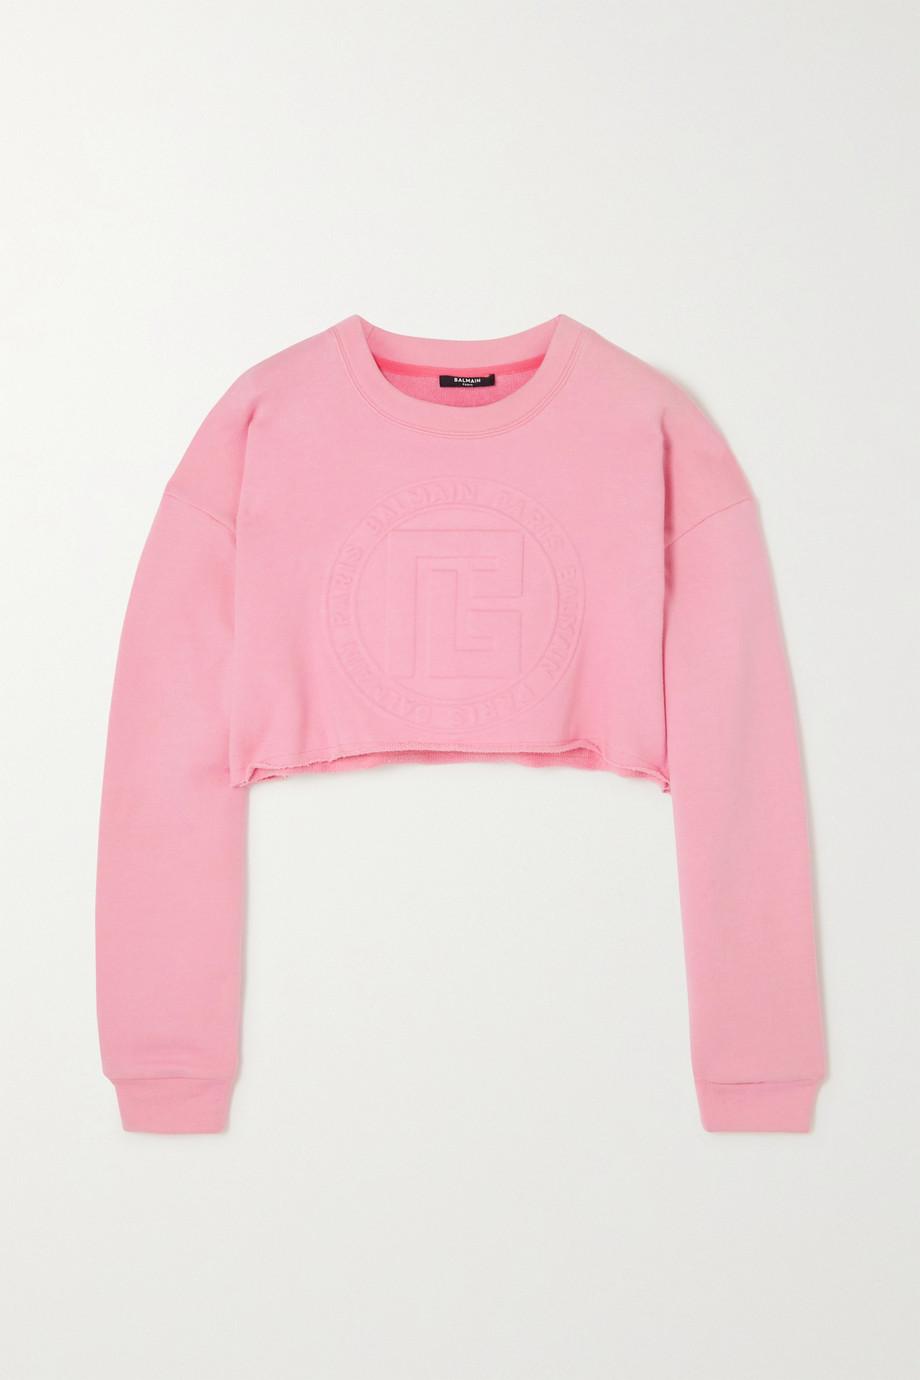 Balmain Verkürztes Sweatshirt aus einer Baumwoll-Kaschmirmischung mit Prägung